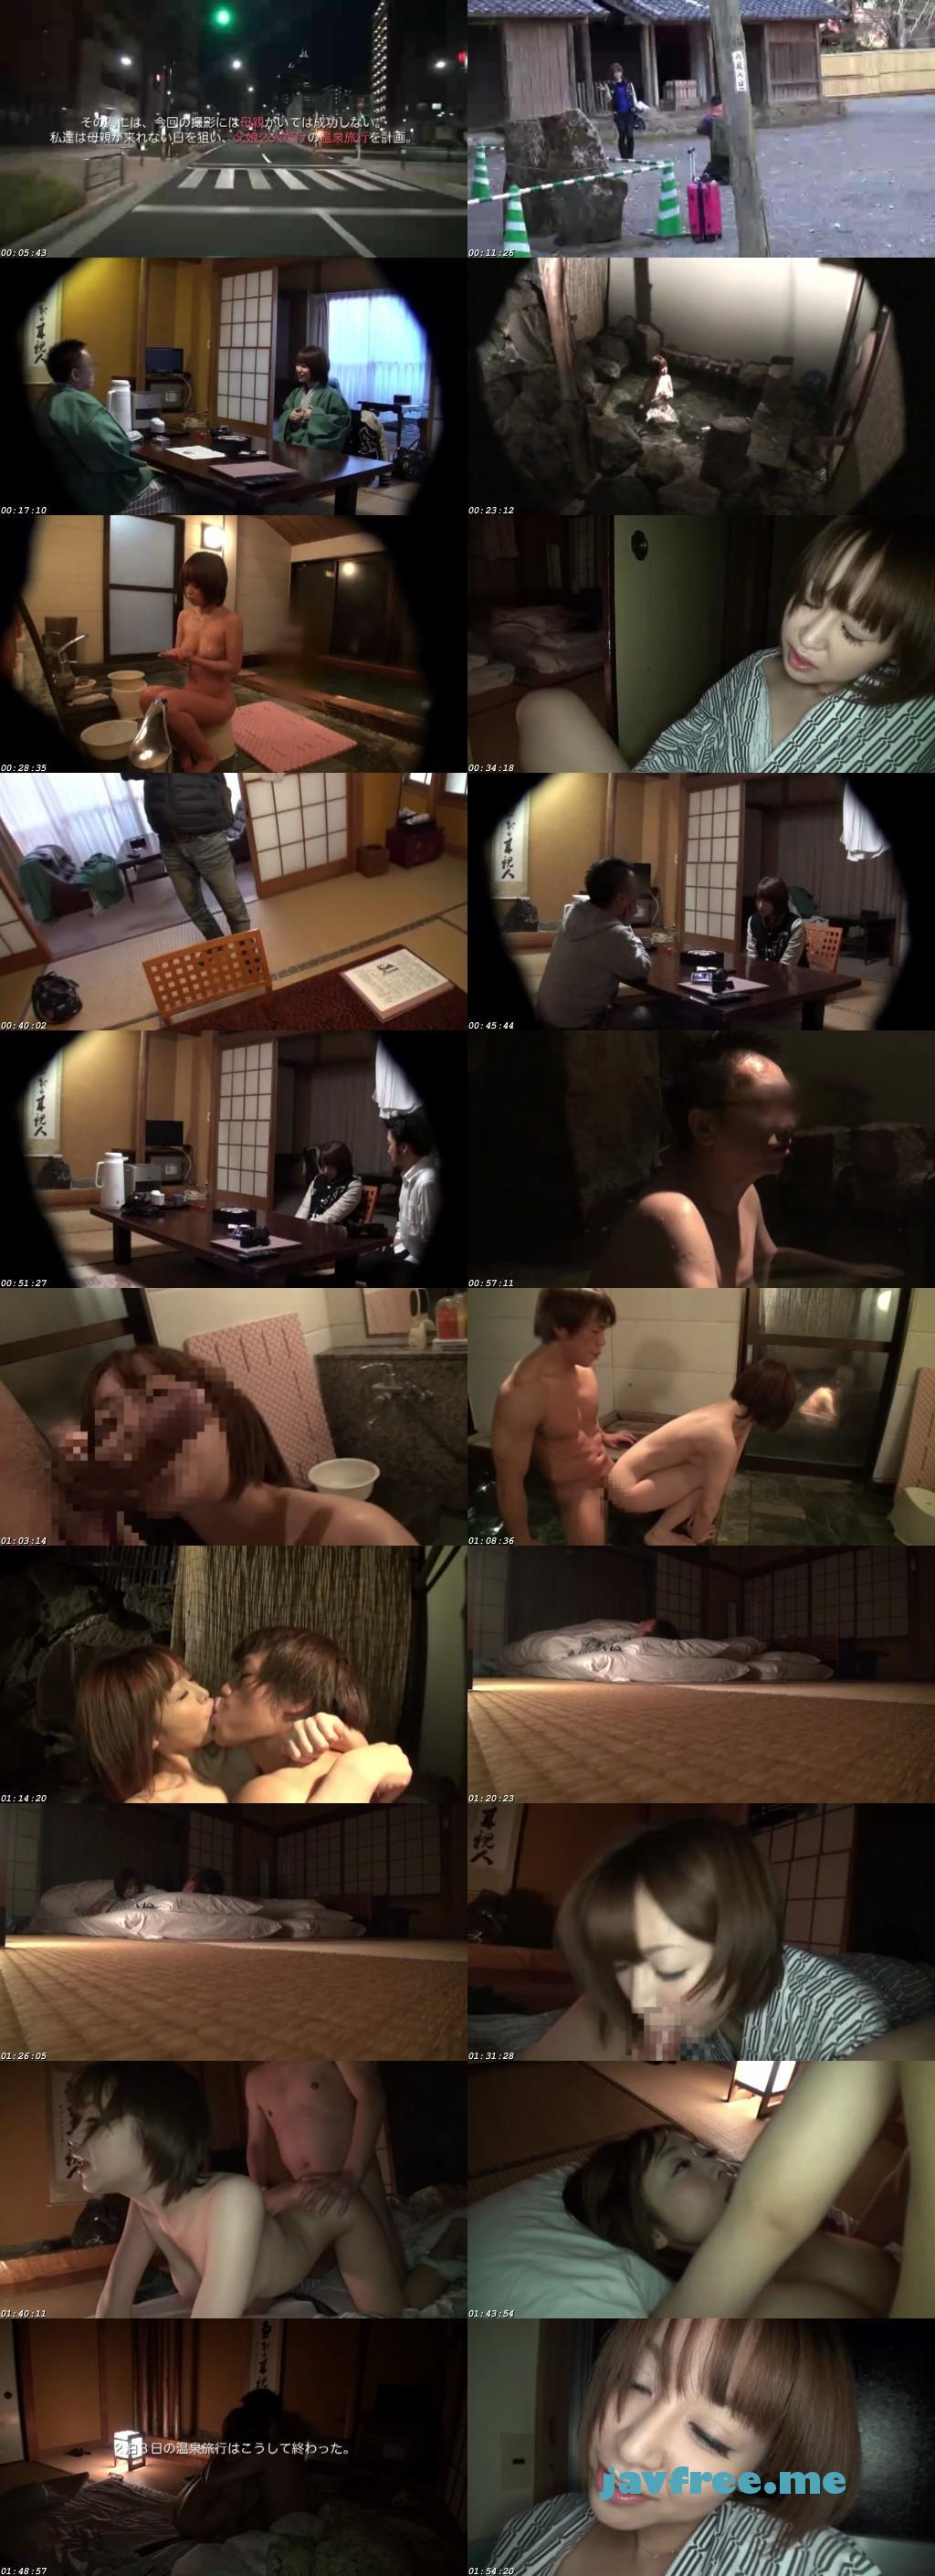 [SDMT 881] 「お義父(とう)さんが理想の男性!」のAV女優・篠田ゆうは、家族旅行中に義父と「禁断の近親相姦」できるのか!? 篠田ゆう SDMT